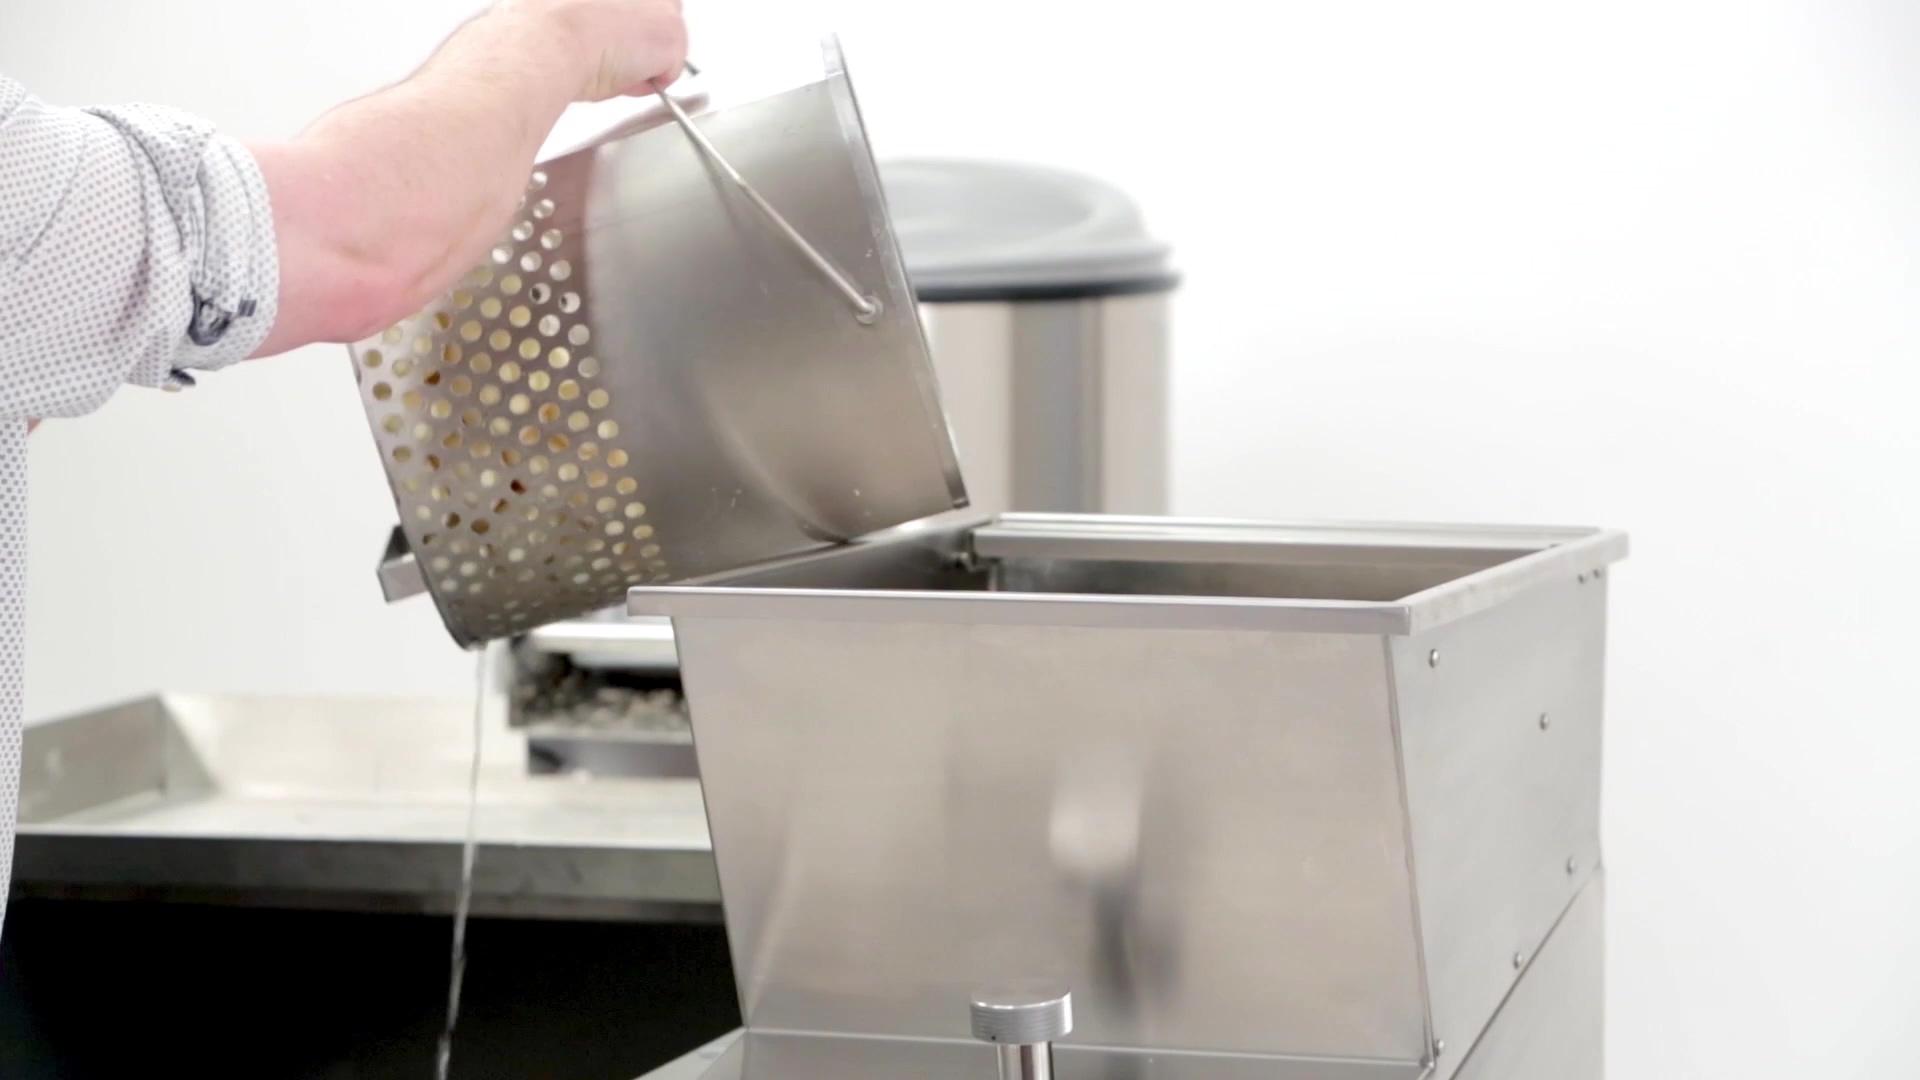 Potato Cutter Final Video